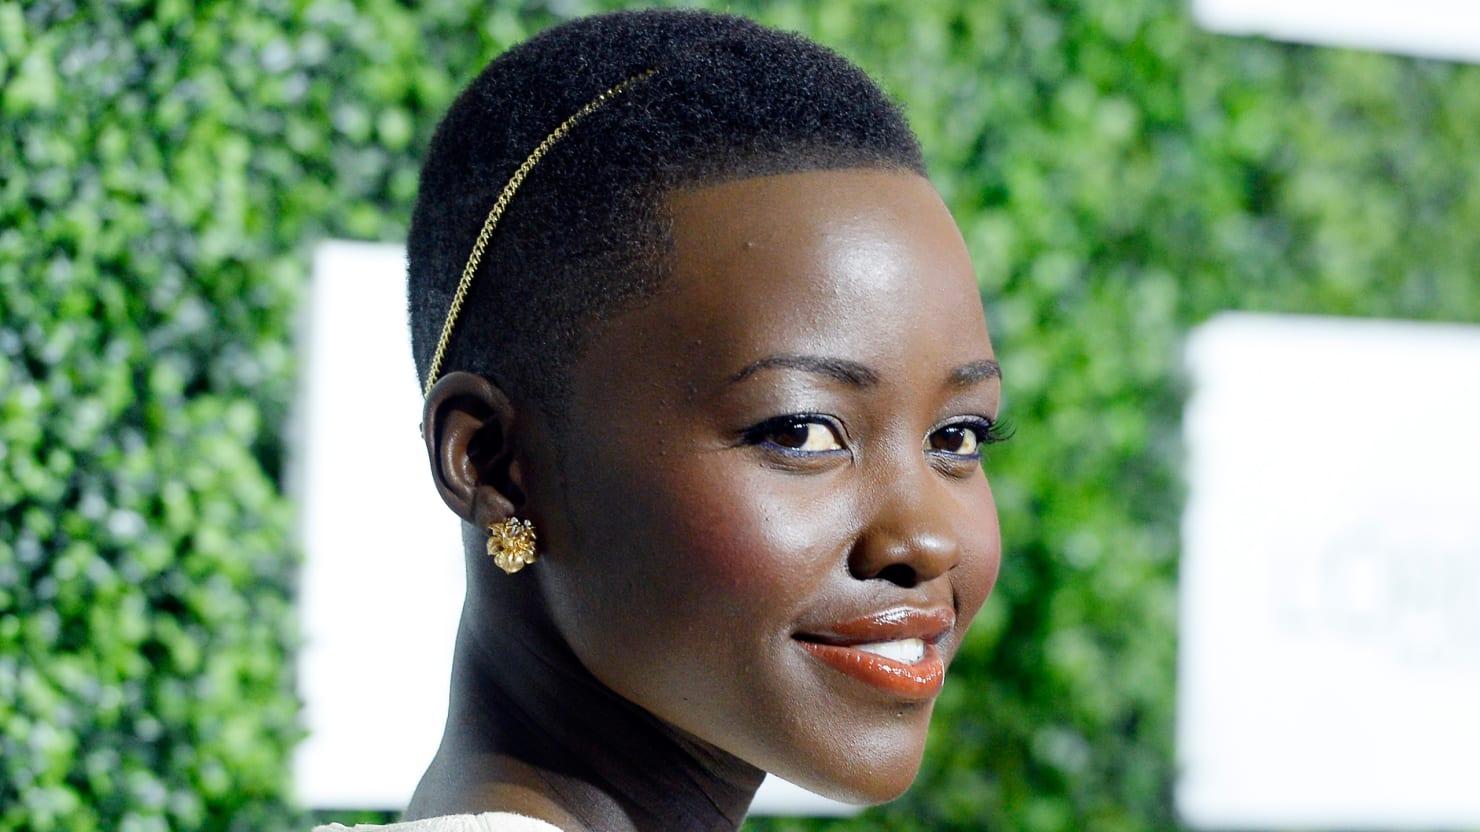 Lupita Nyong'o's 'Acceptable Blackness' and the Myth of a Post-Racial Hollywood